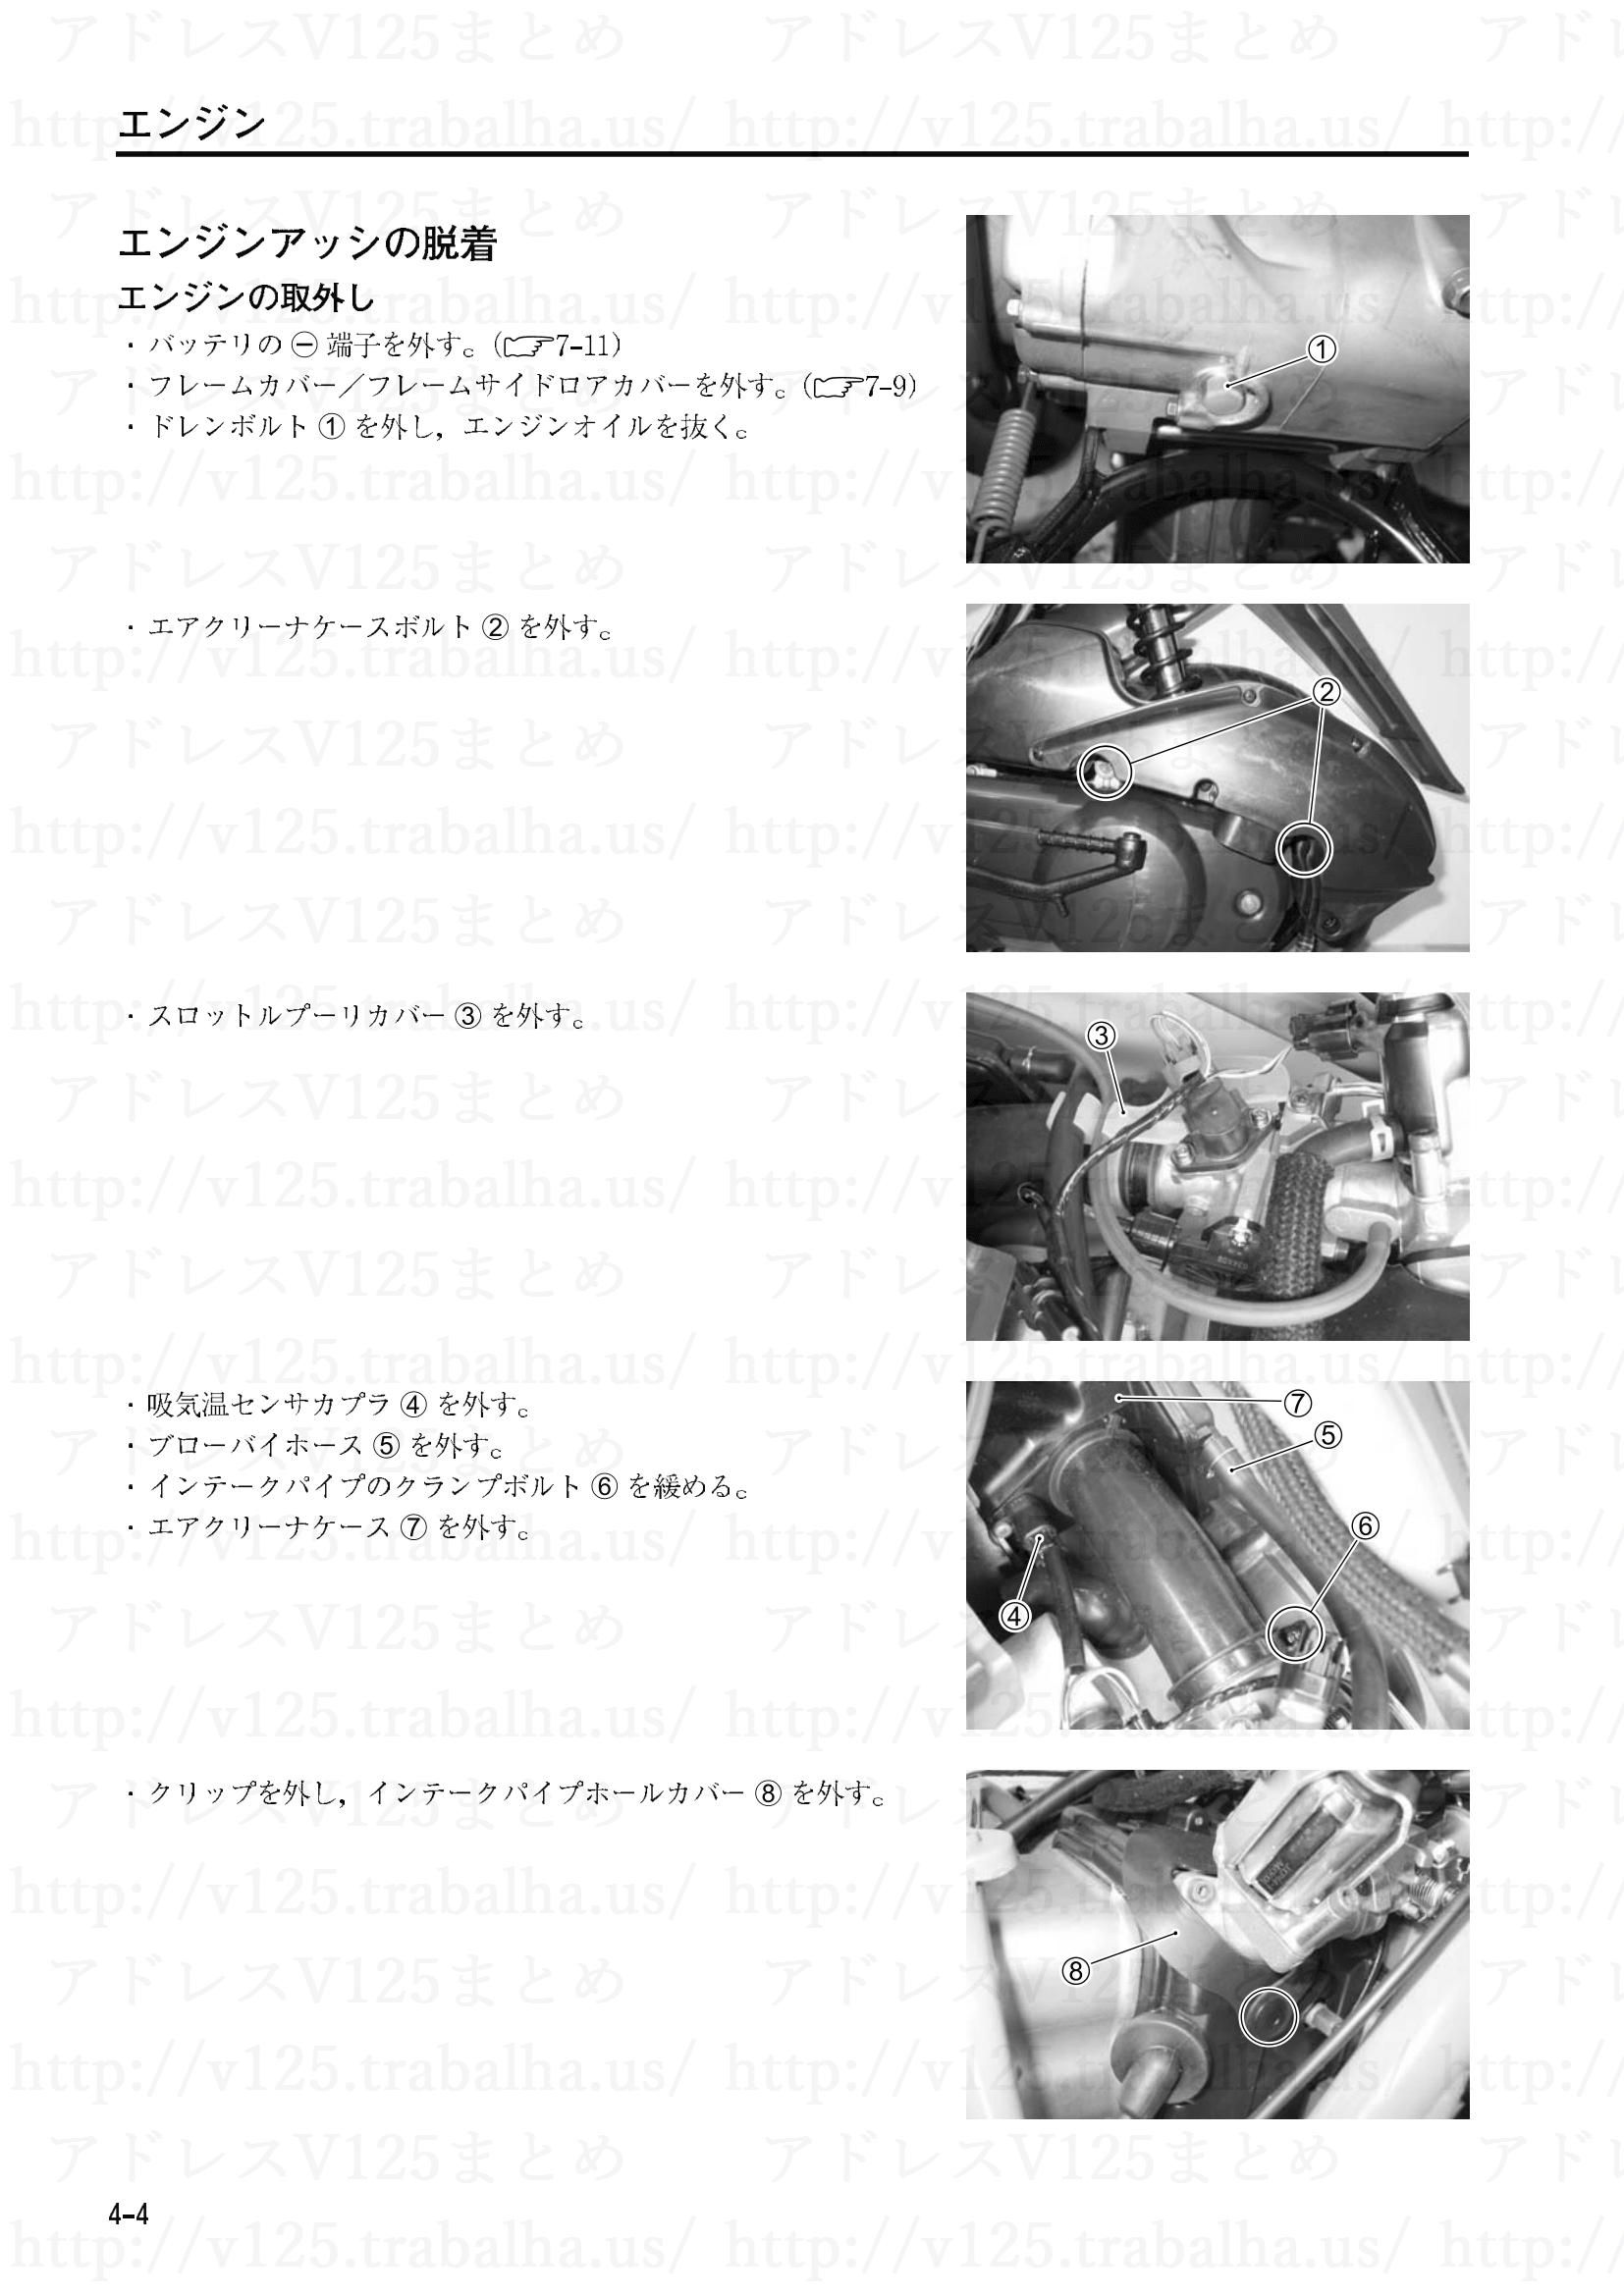 4-4【エンジン】エンジンアッシの脱着1